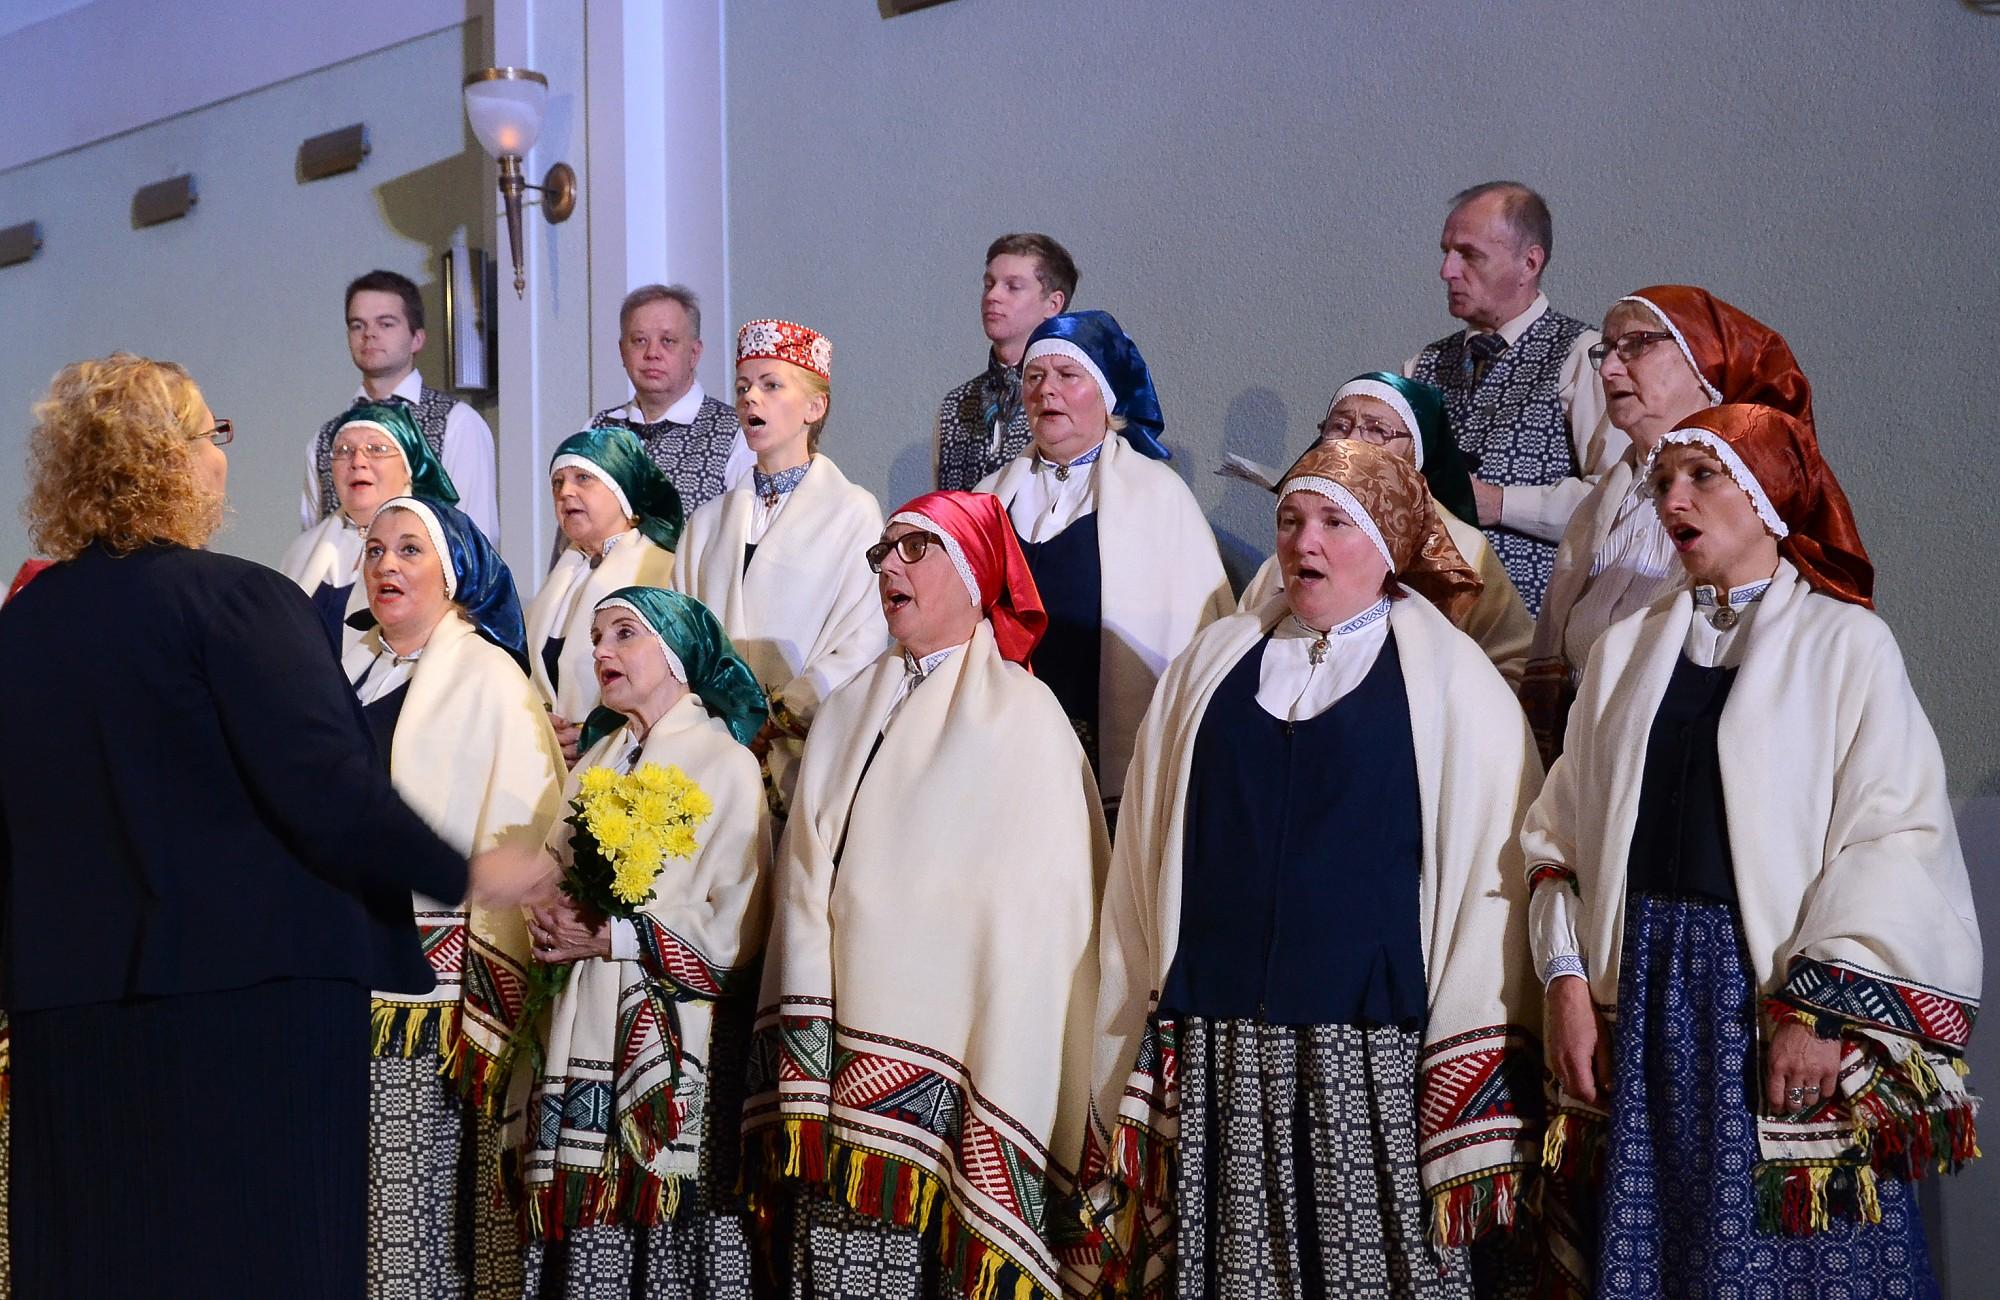 Liepājā pulcējas Latvijas kori, lai popularizētu tautasdziesmas